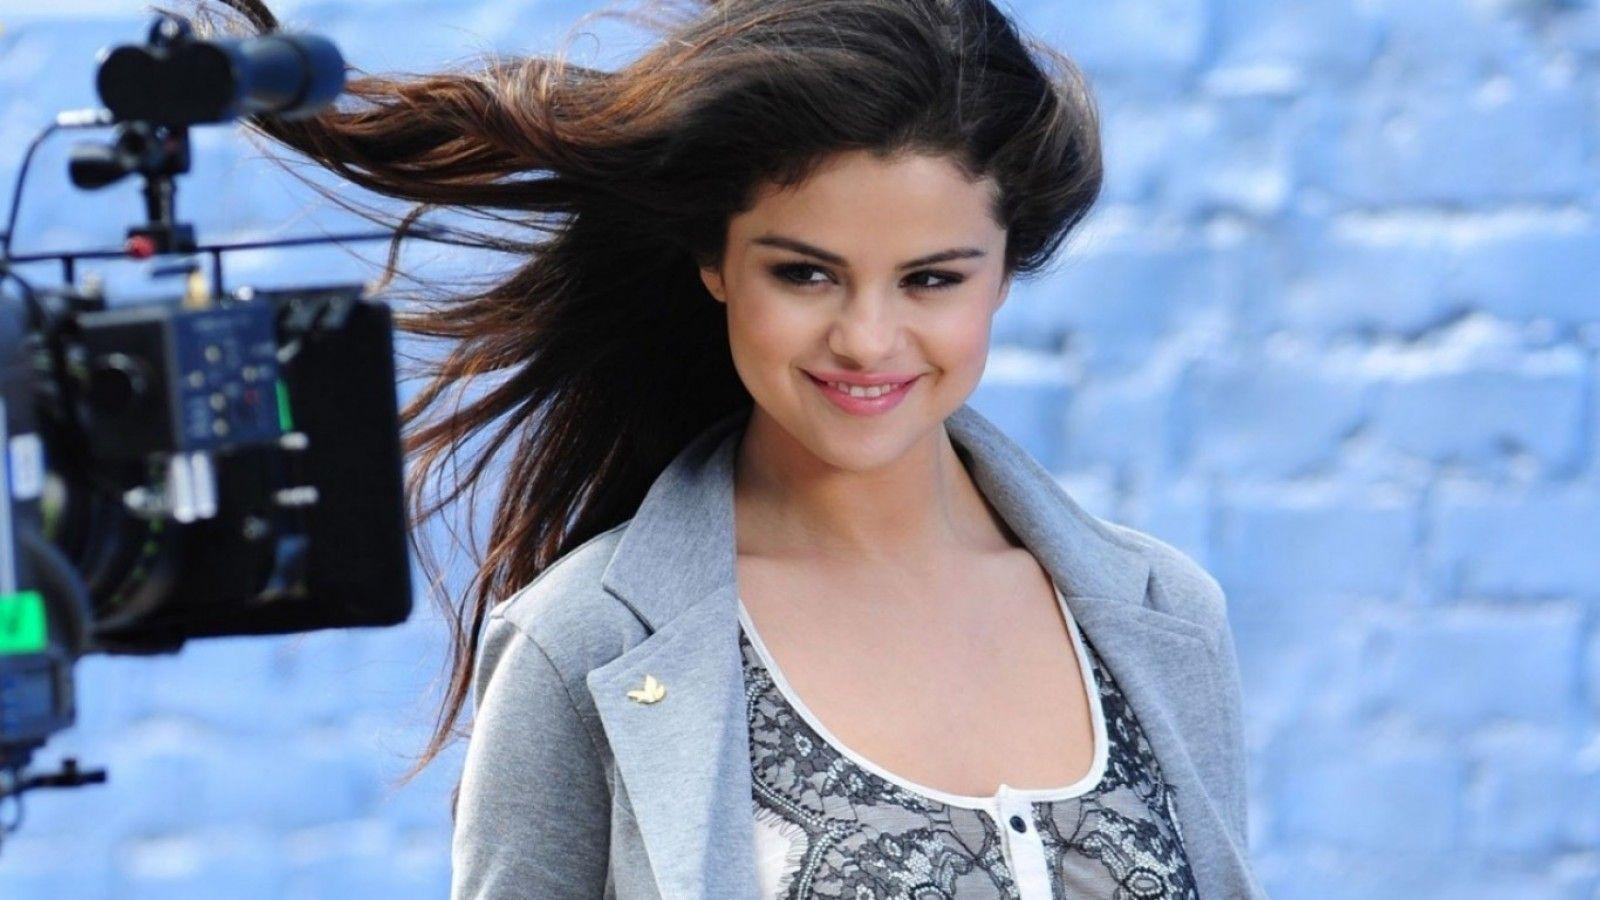 Selena gomez hd wallpapers 2015 wallpaper cave - Selena gomez latest hd wallpapers ...